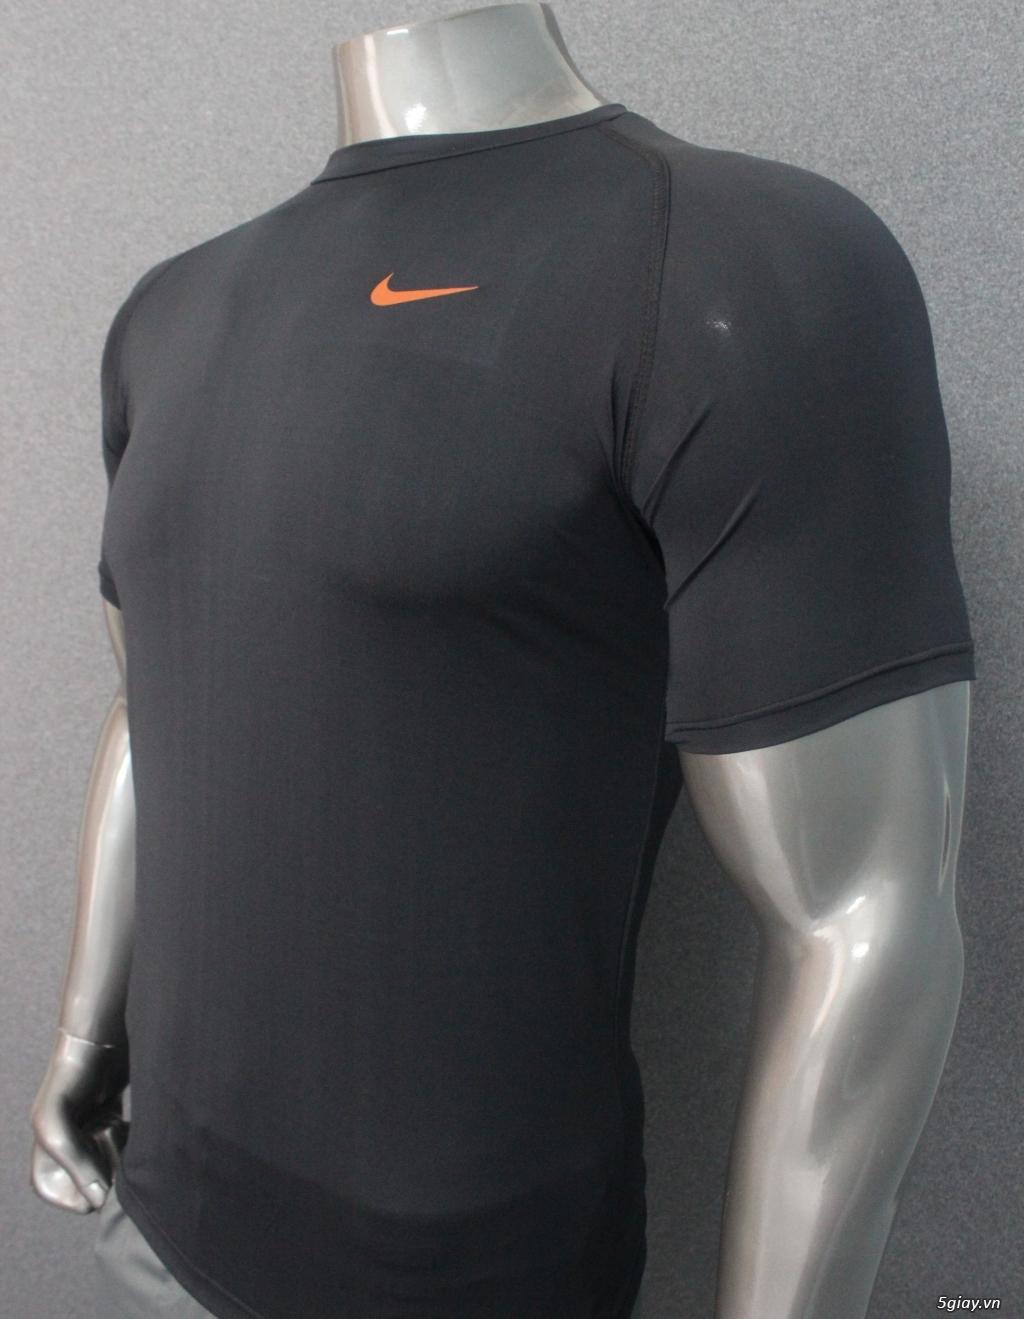 Chuyên cung cấp quần áo thể thao Adidas,Nike,Under Armour,Puma...trên Toàn Quốc giá xưởng - 41